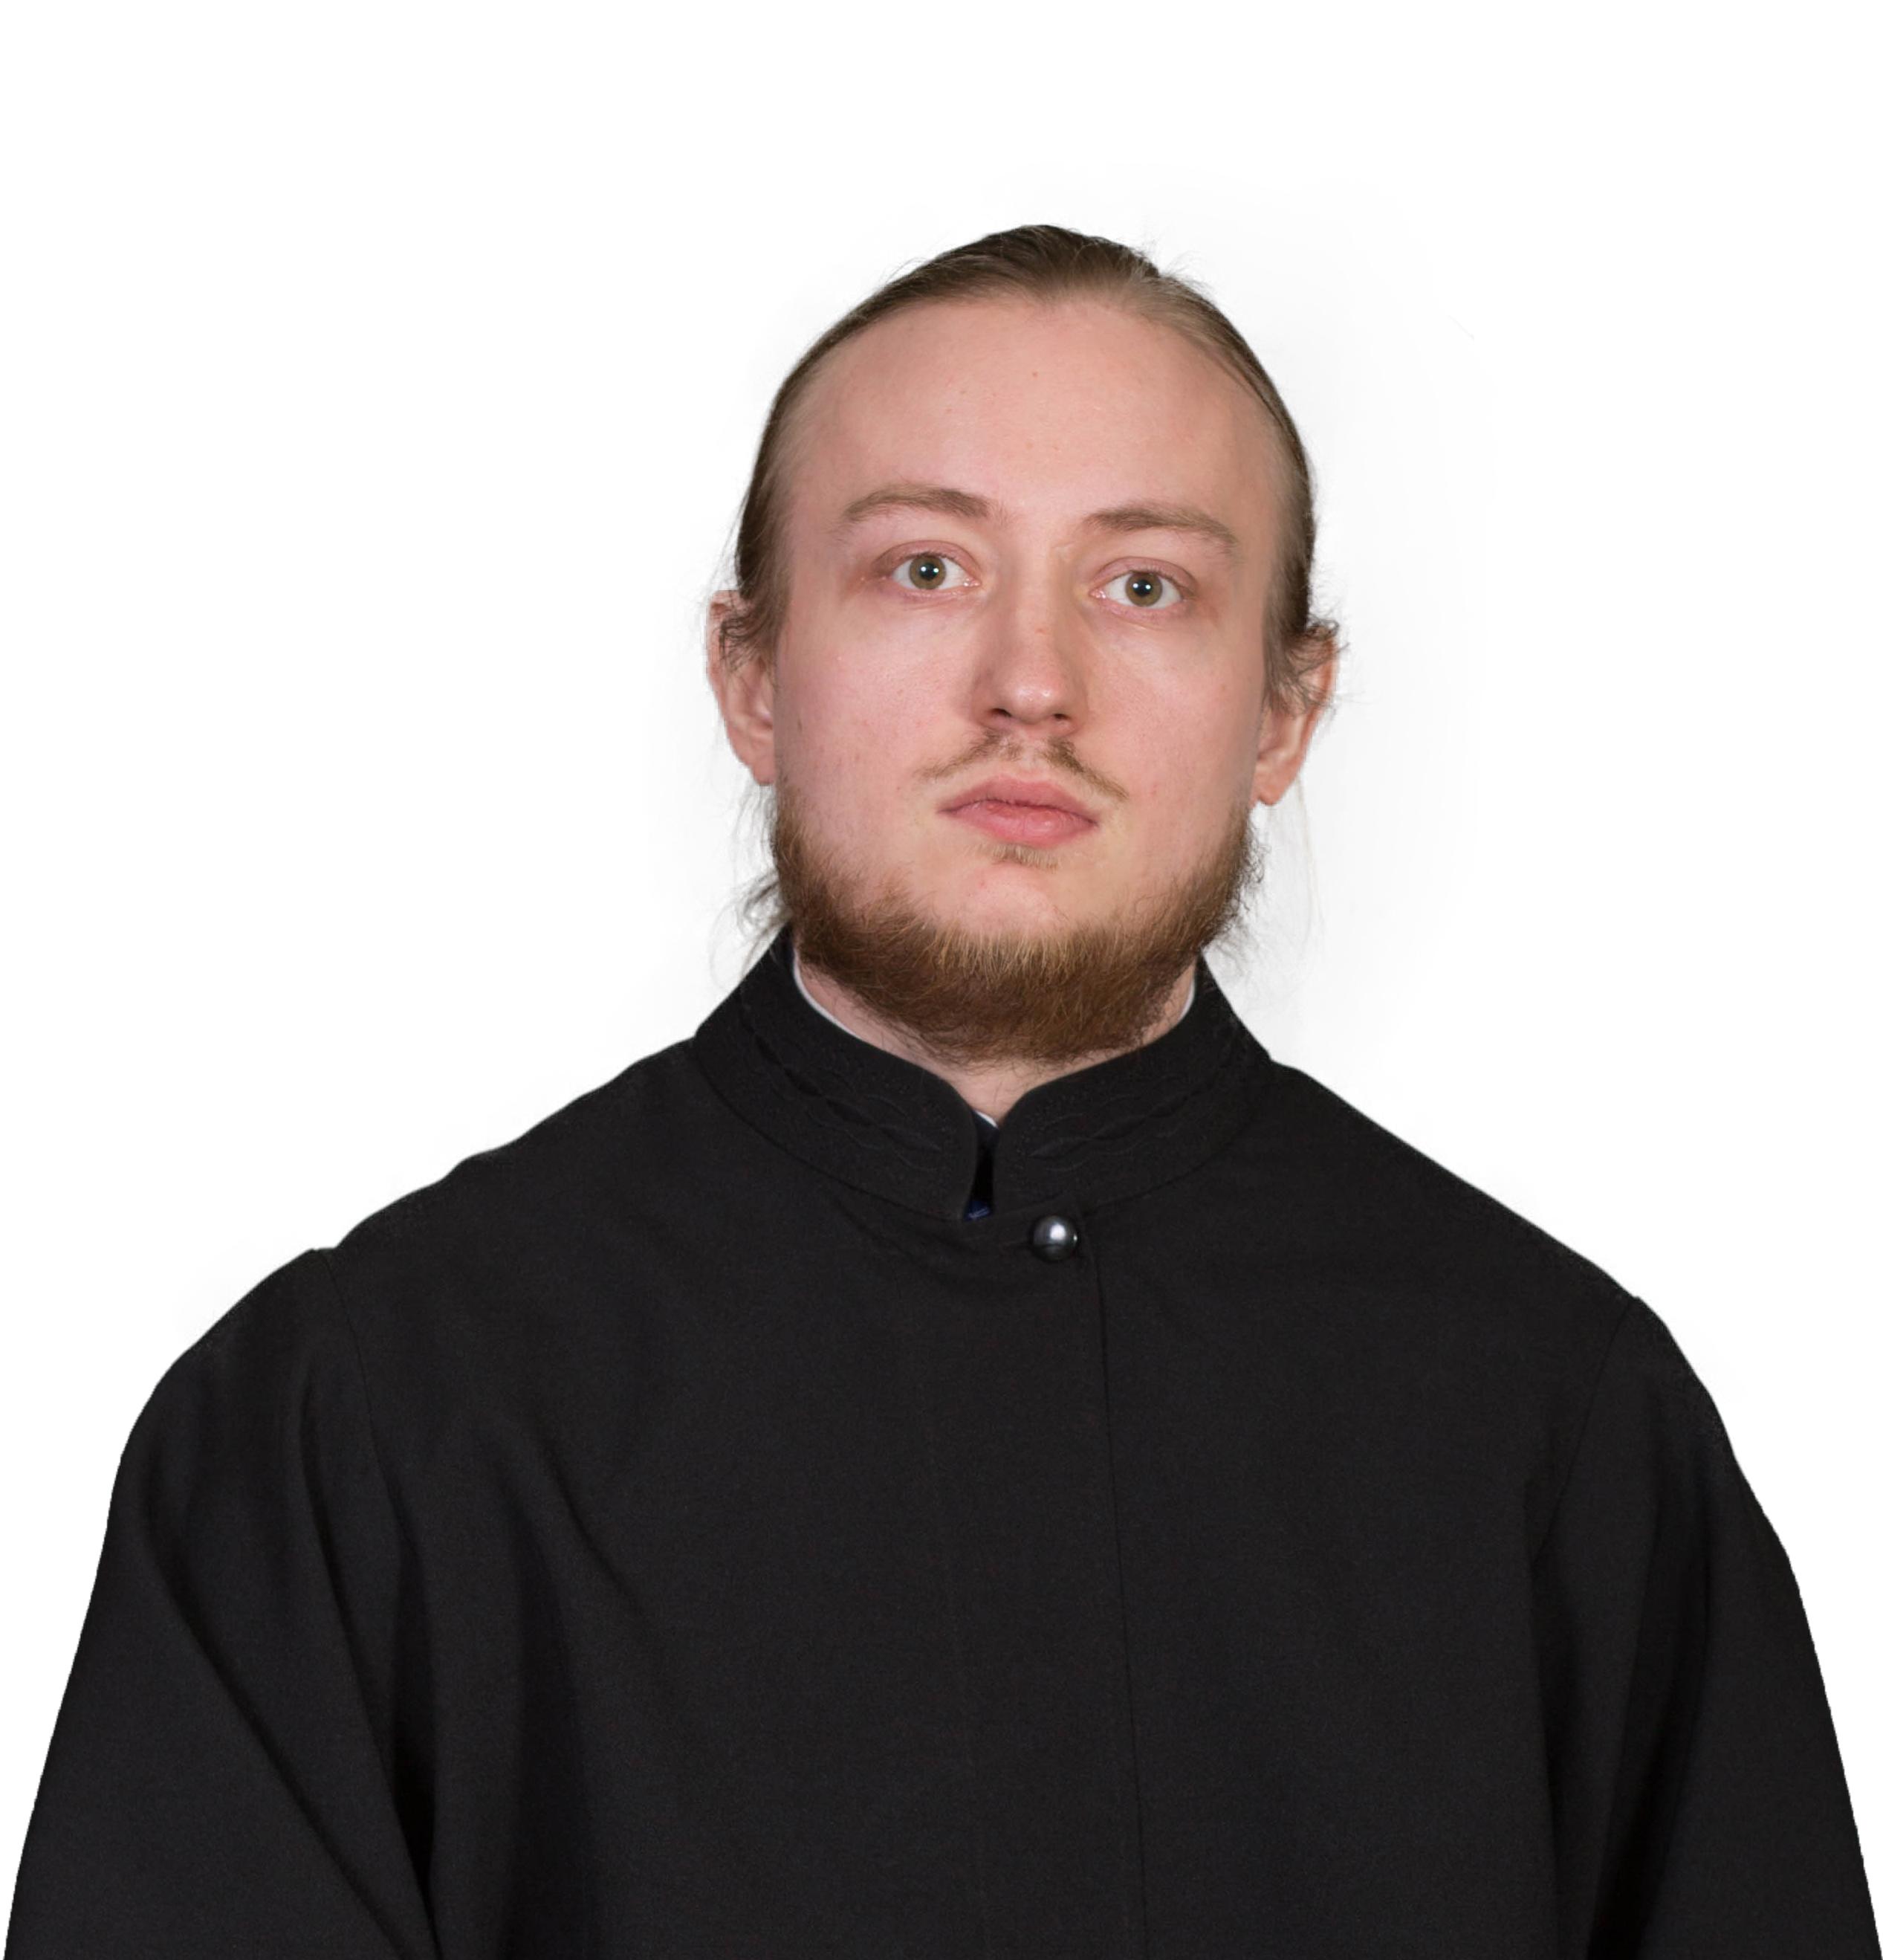 Димитрий Антонов